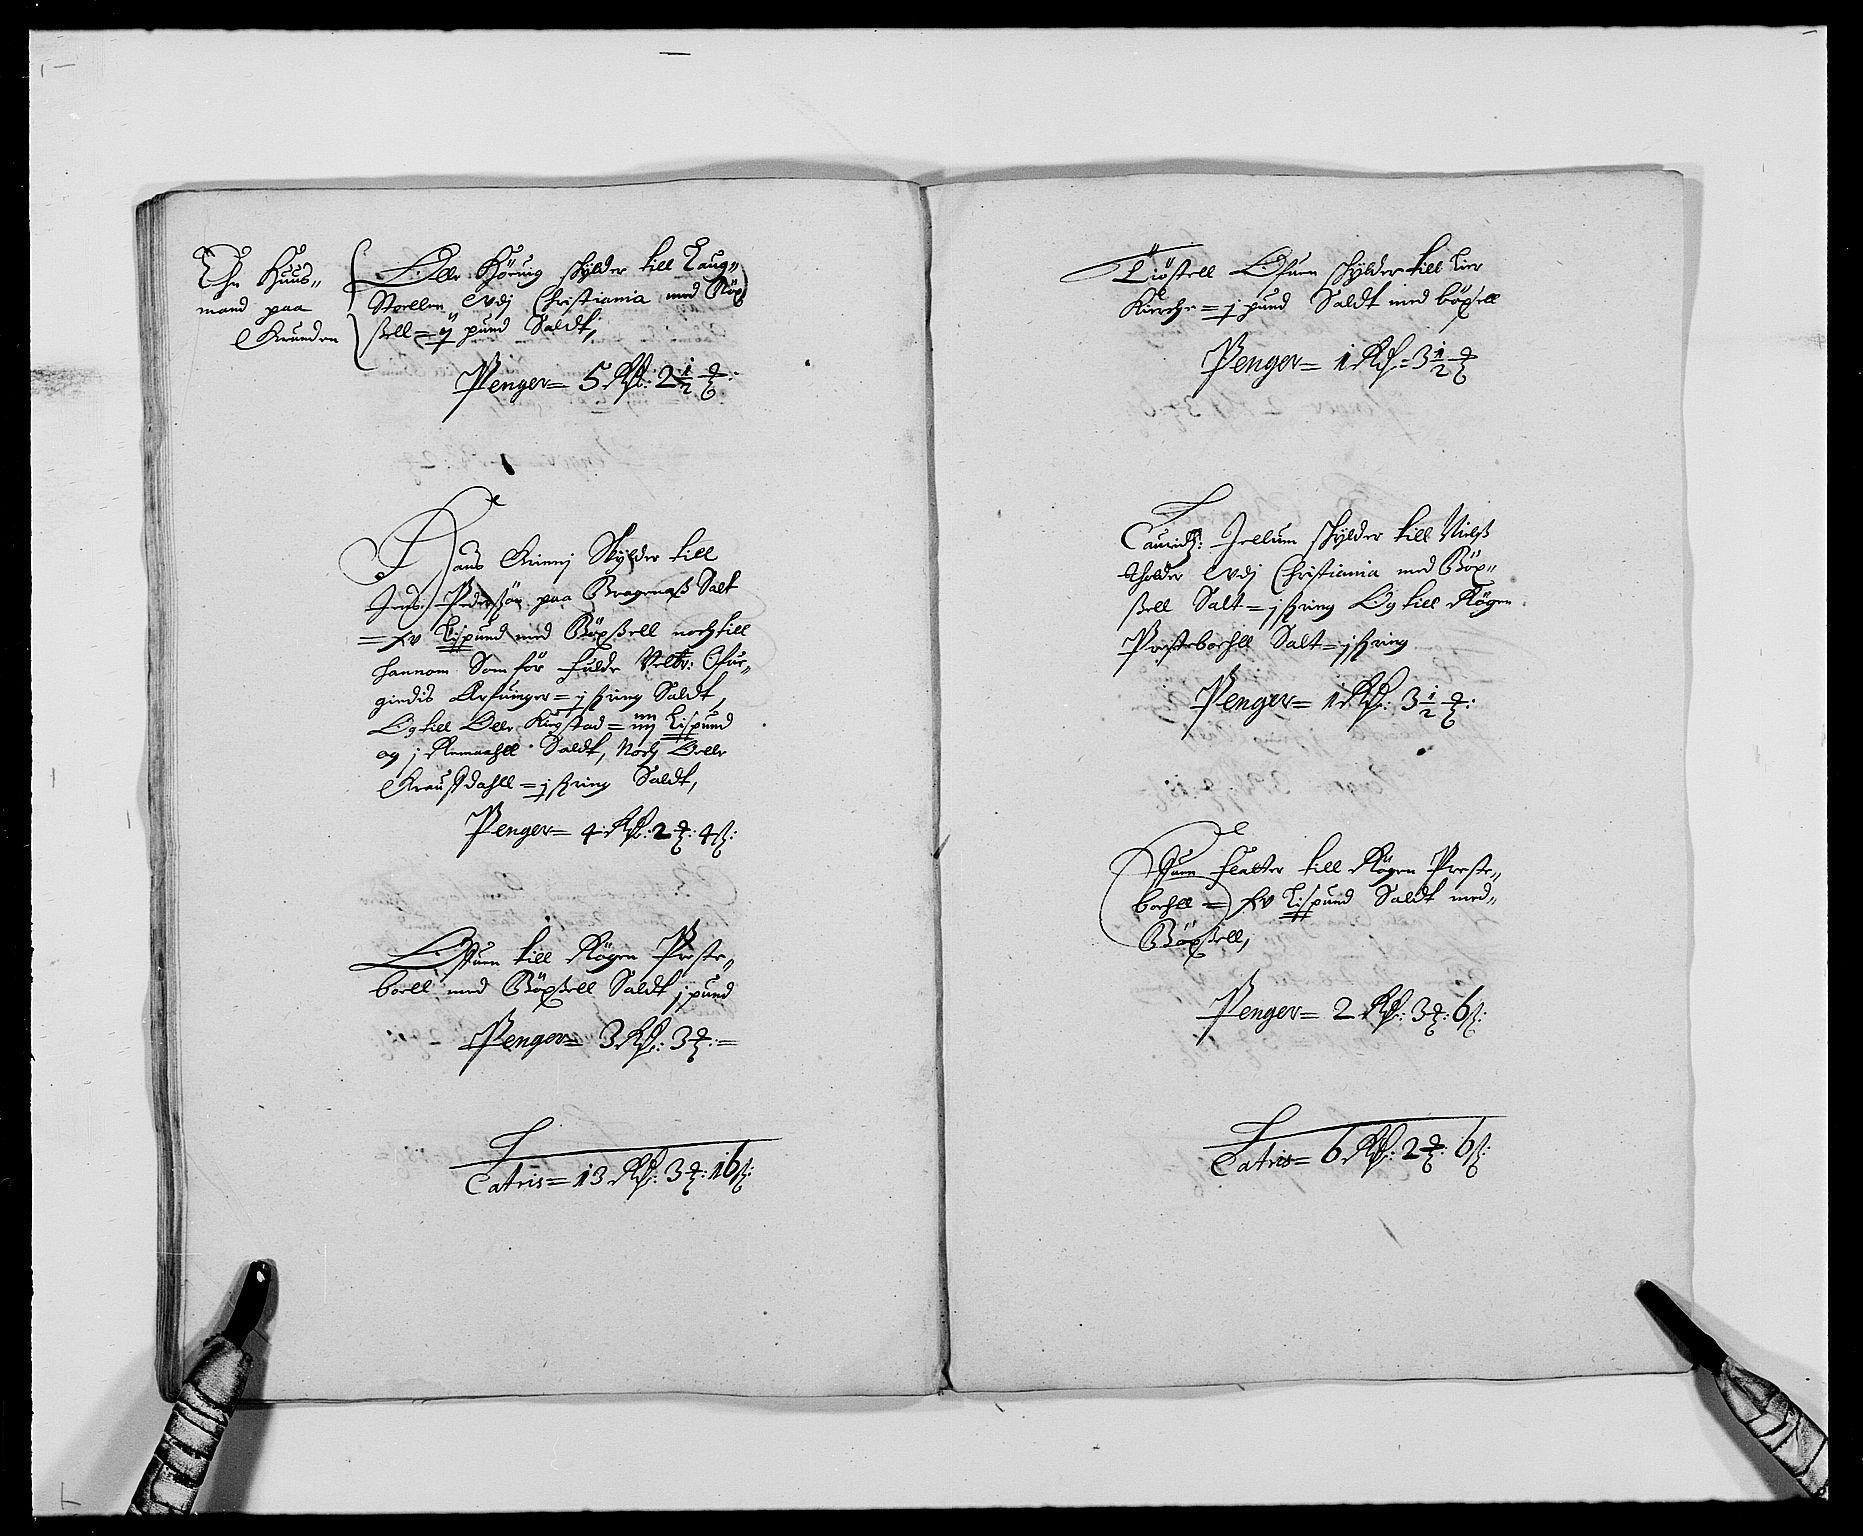 RA, Rentekammeret inntil 1814, Reviderte regnskaper, Fogderegnskap, R29/L1691: Fogderegnskap Hurum og Røyken, 1678-1681, p. 375